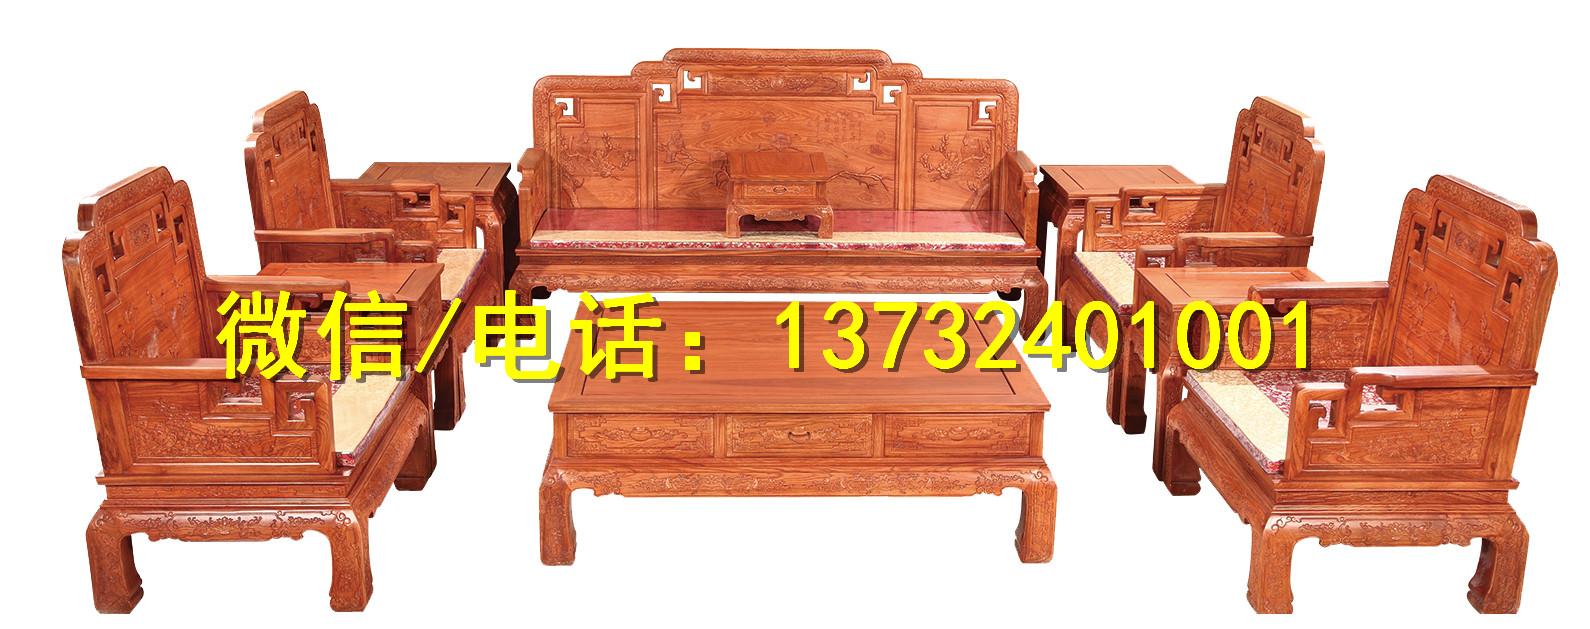 【洛阳河南家具家具店、红木家具v家具、红红木好义图片